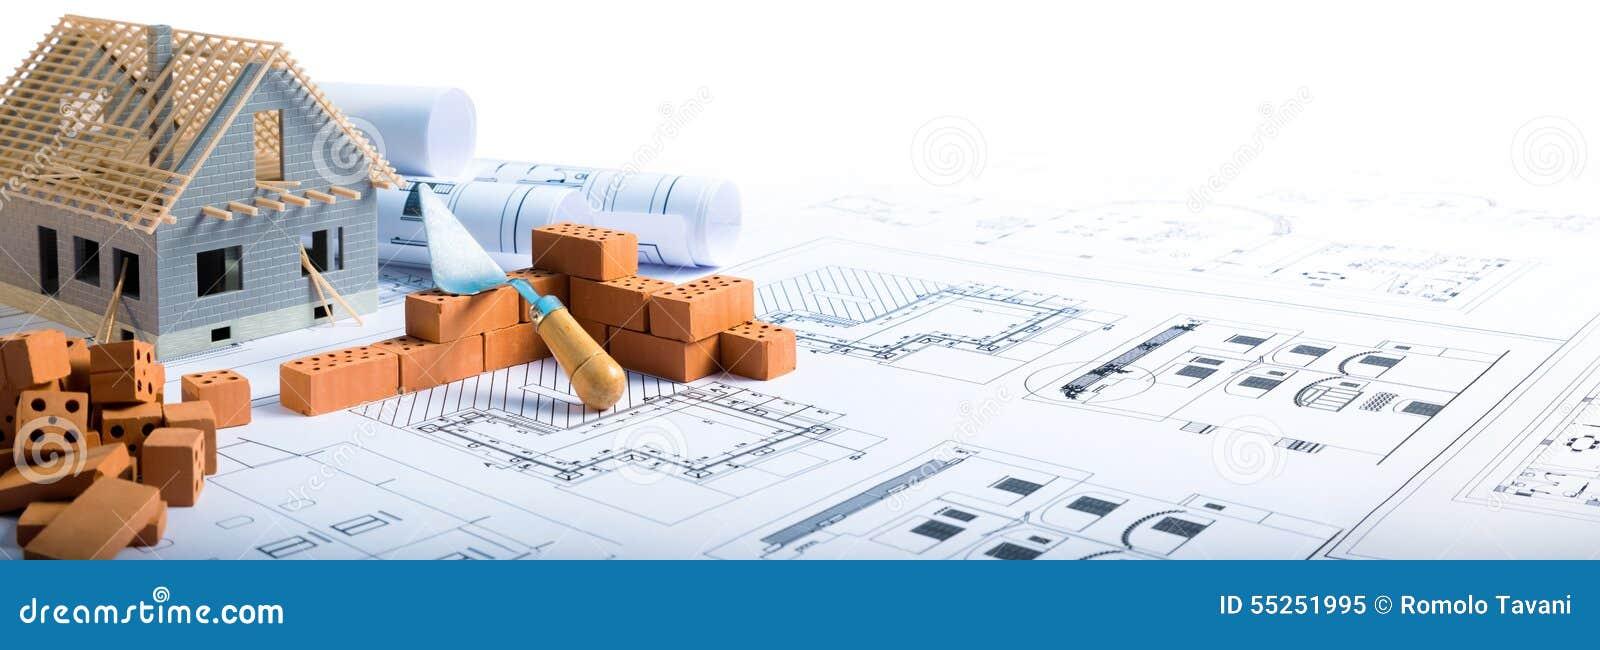 Maison de bâtiment - briques et projet